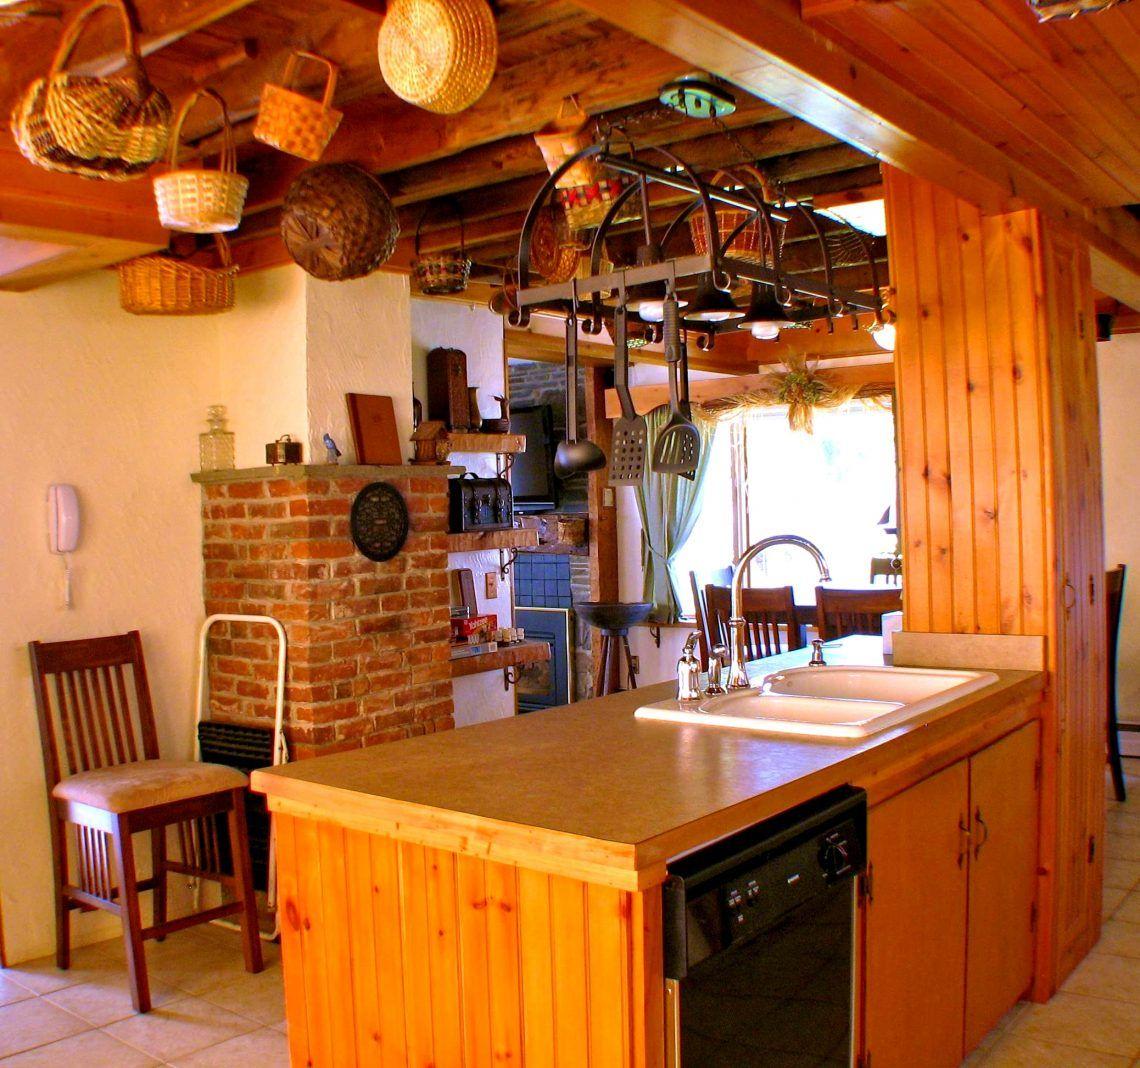 Stunning Kitchen Island With Sink And Dishwasher Ideas   Kitchen ...